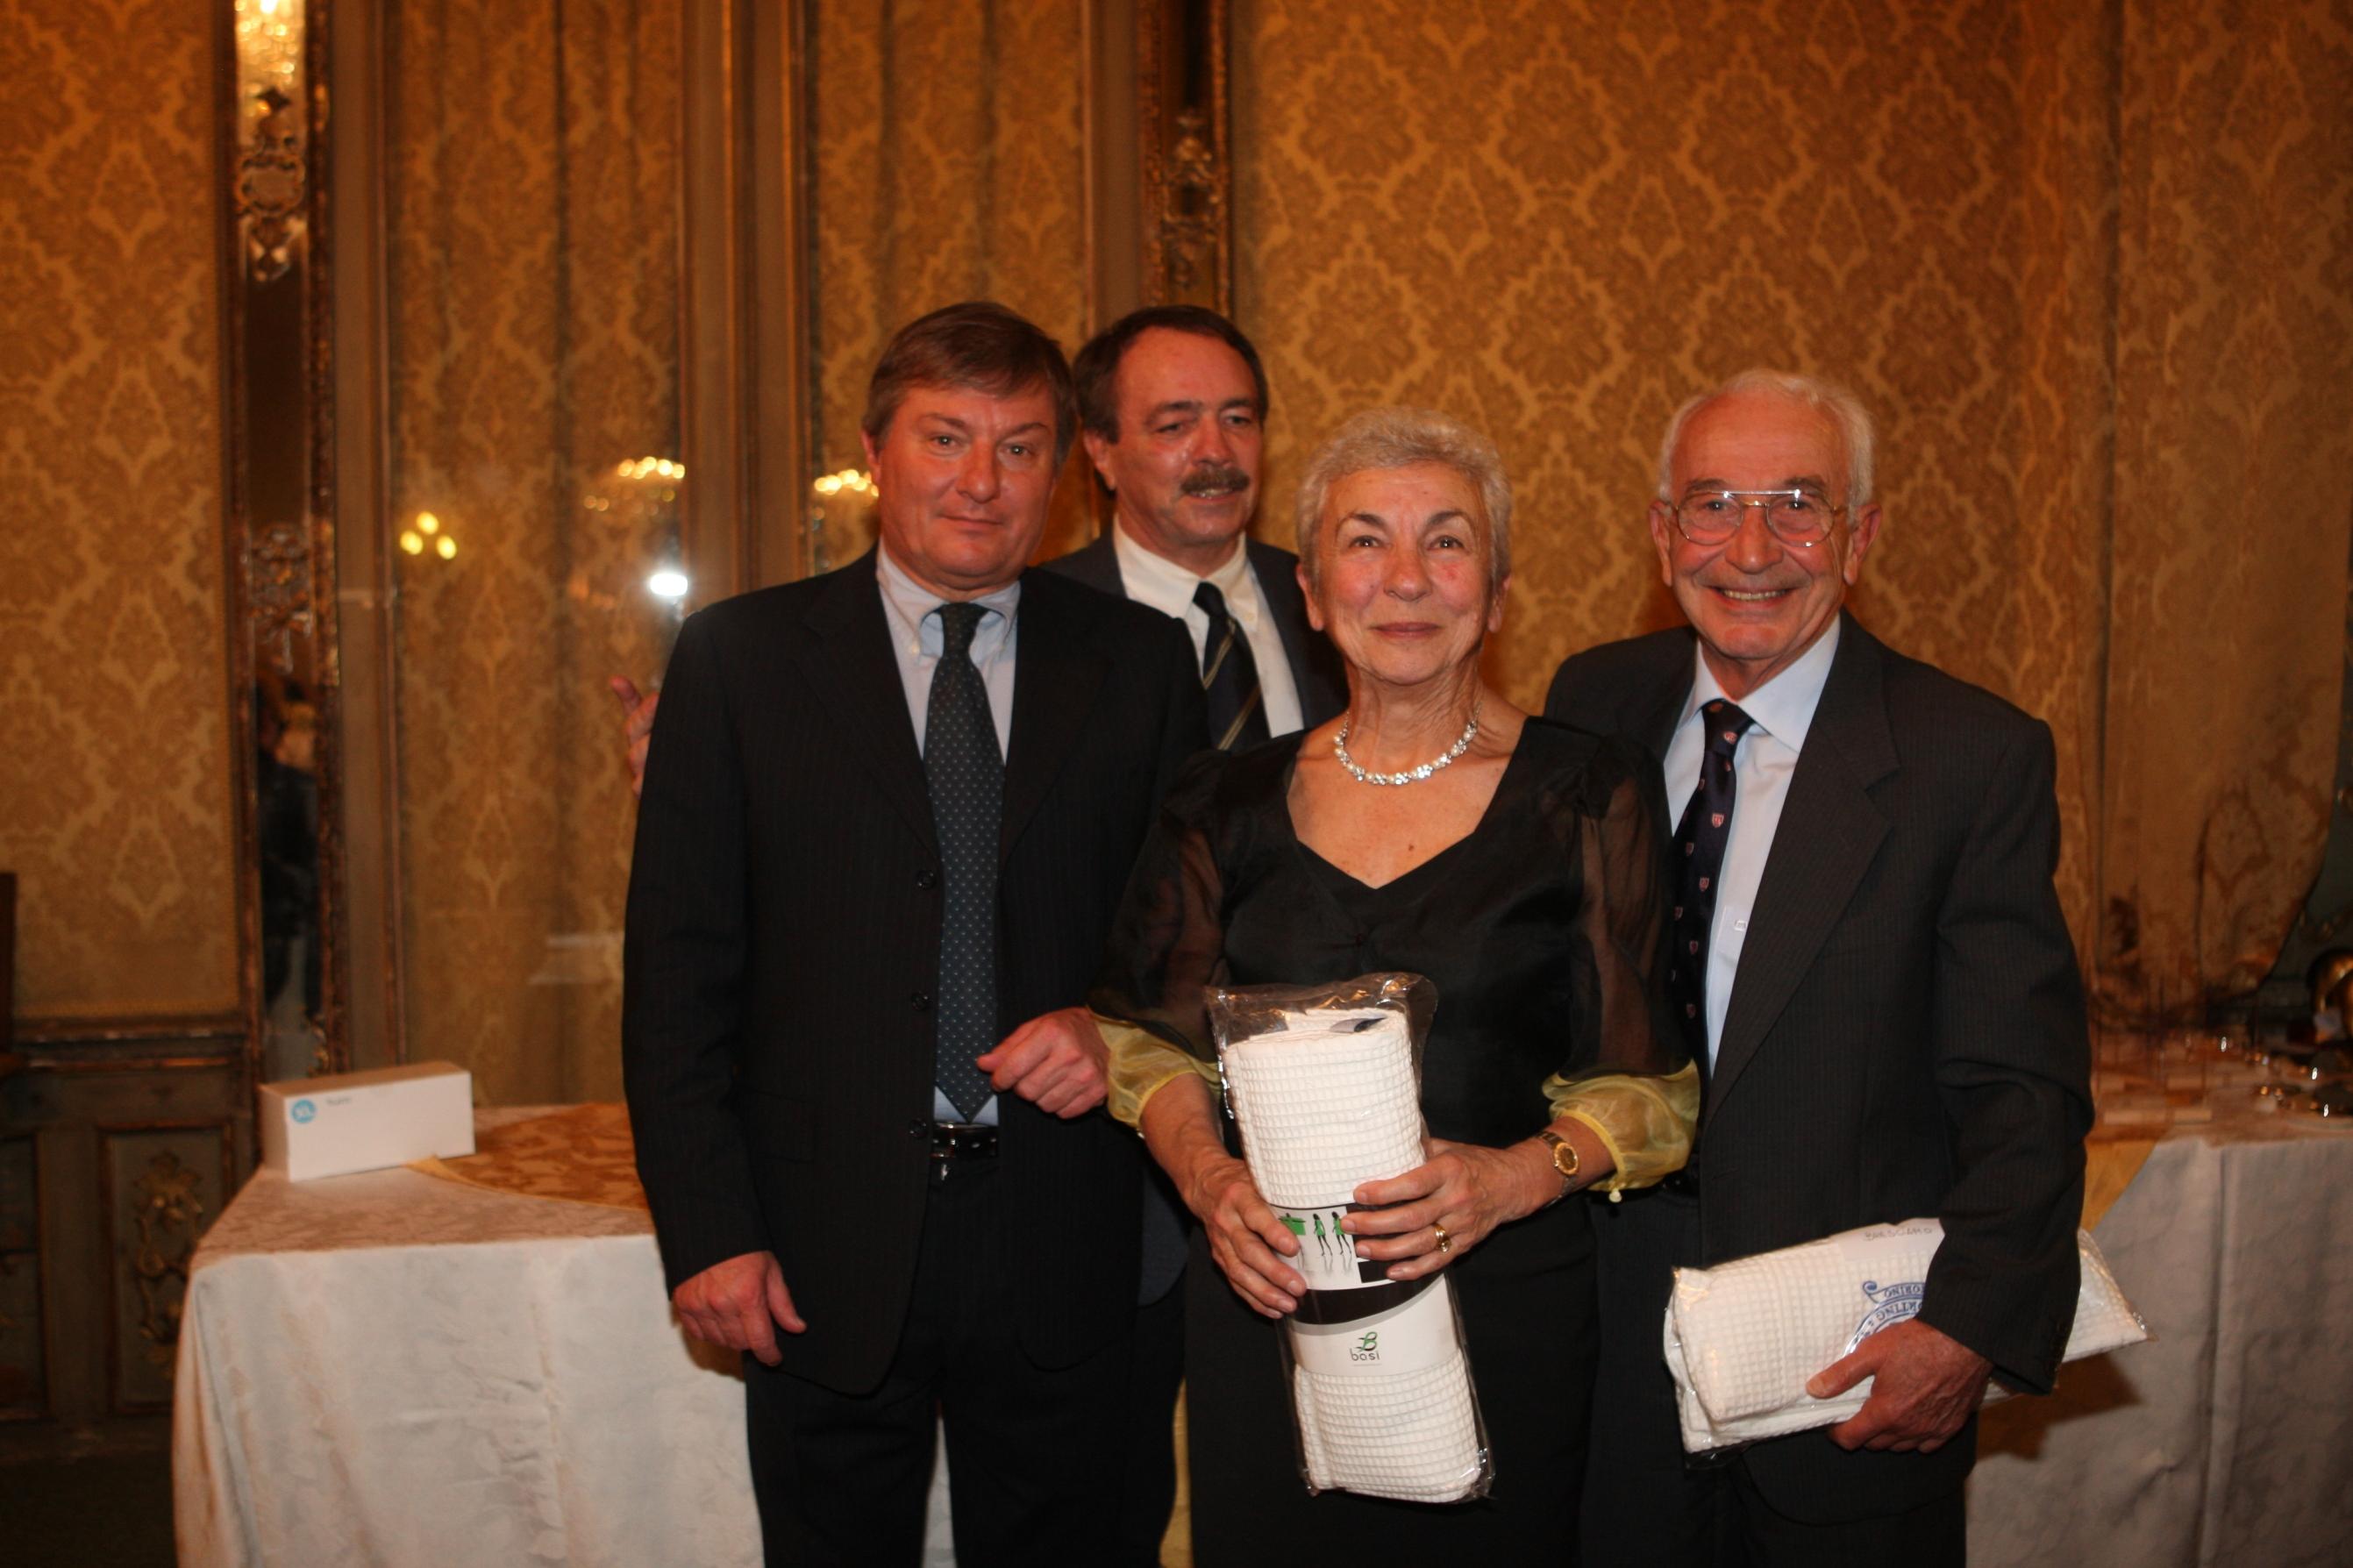 IO RESTO A CASA: Bartolo Bresciano, cari amici lontani...